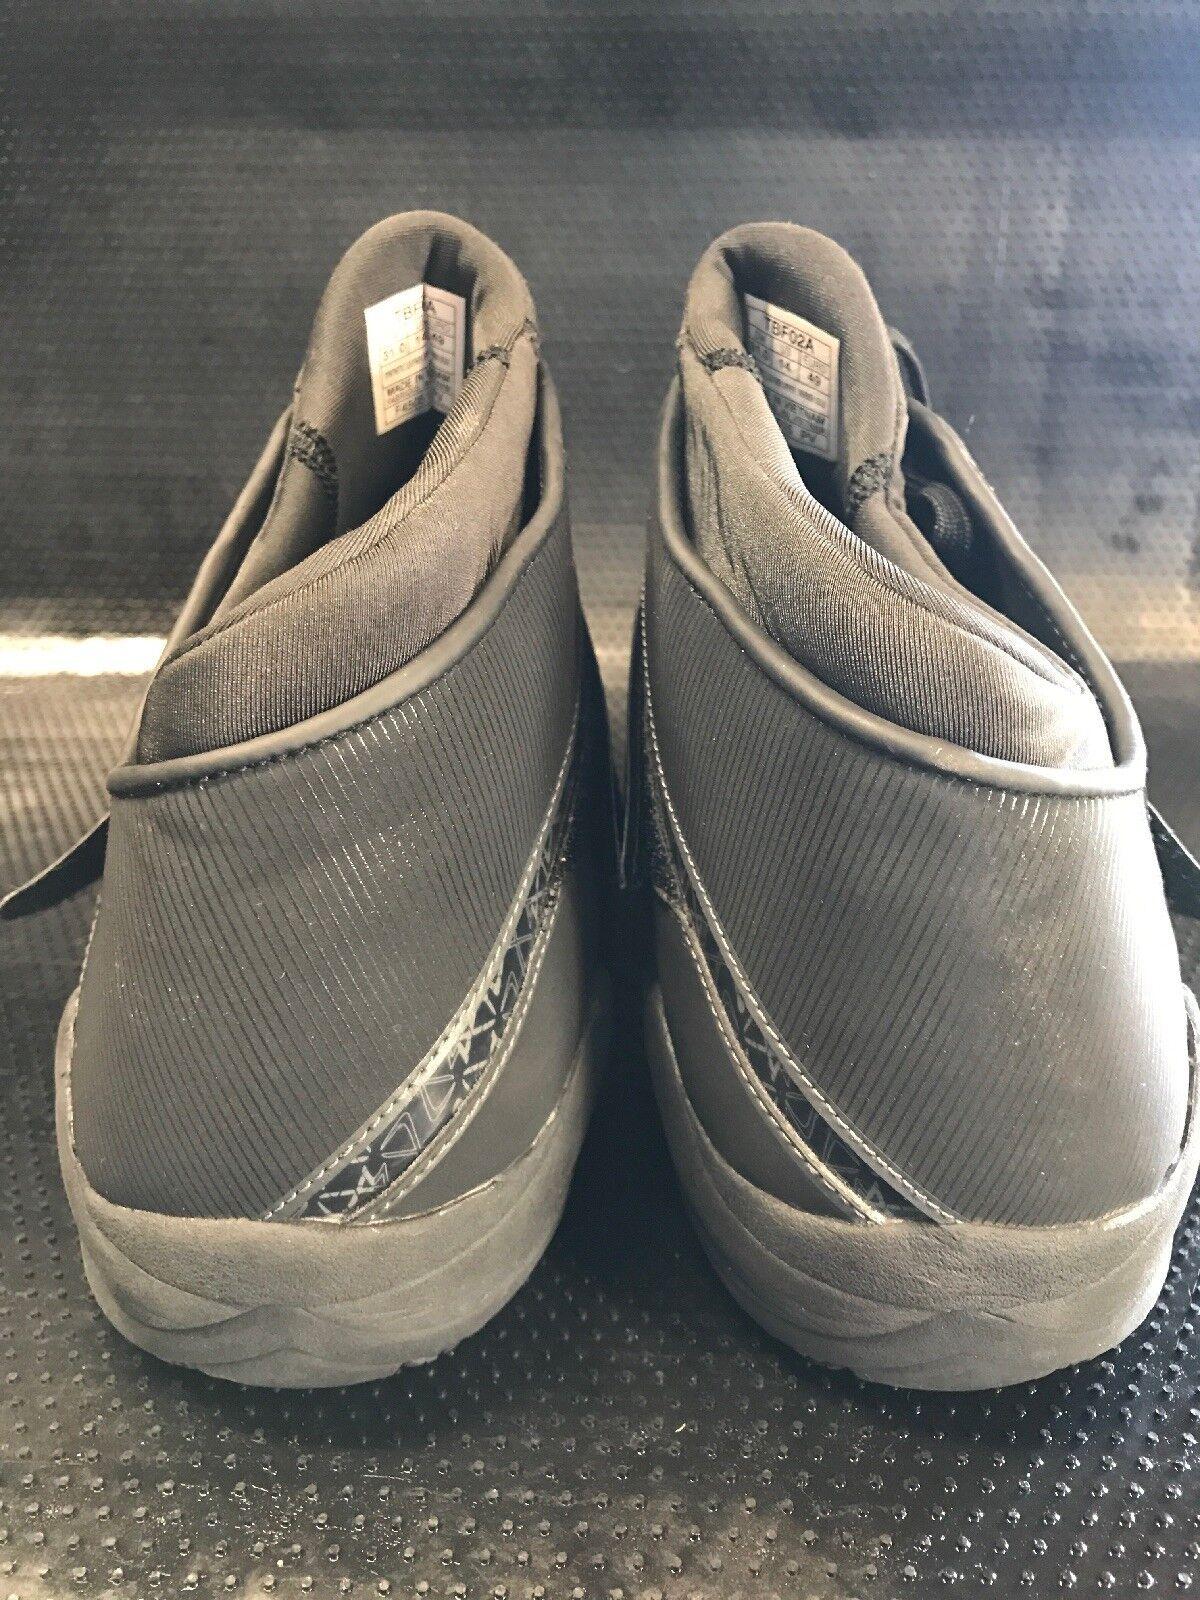 Asics TBF02A Negro para Hombre Hombre Hombre Baloncesto Zapatos es e97d2c